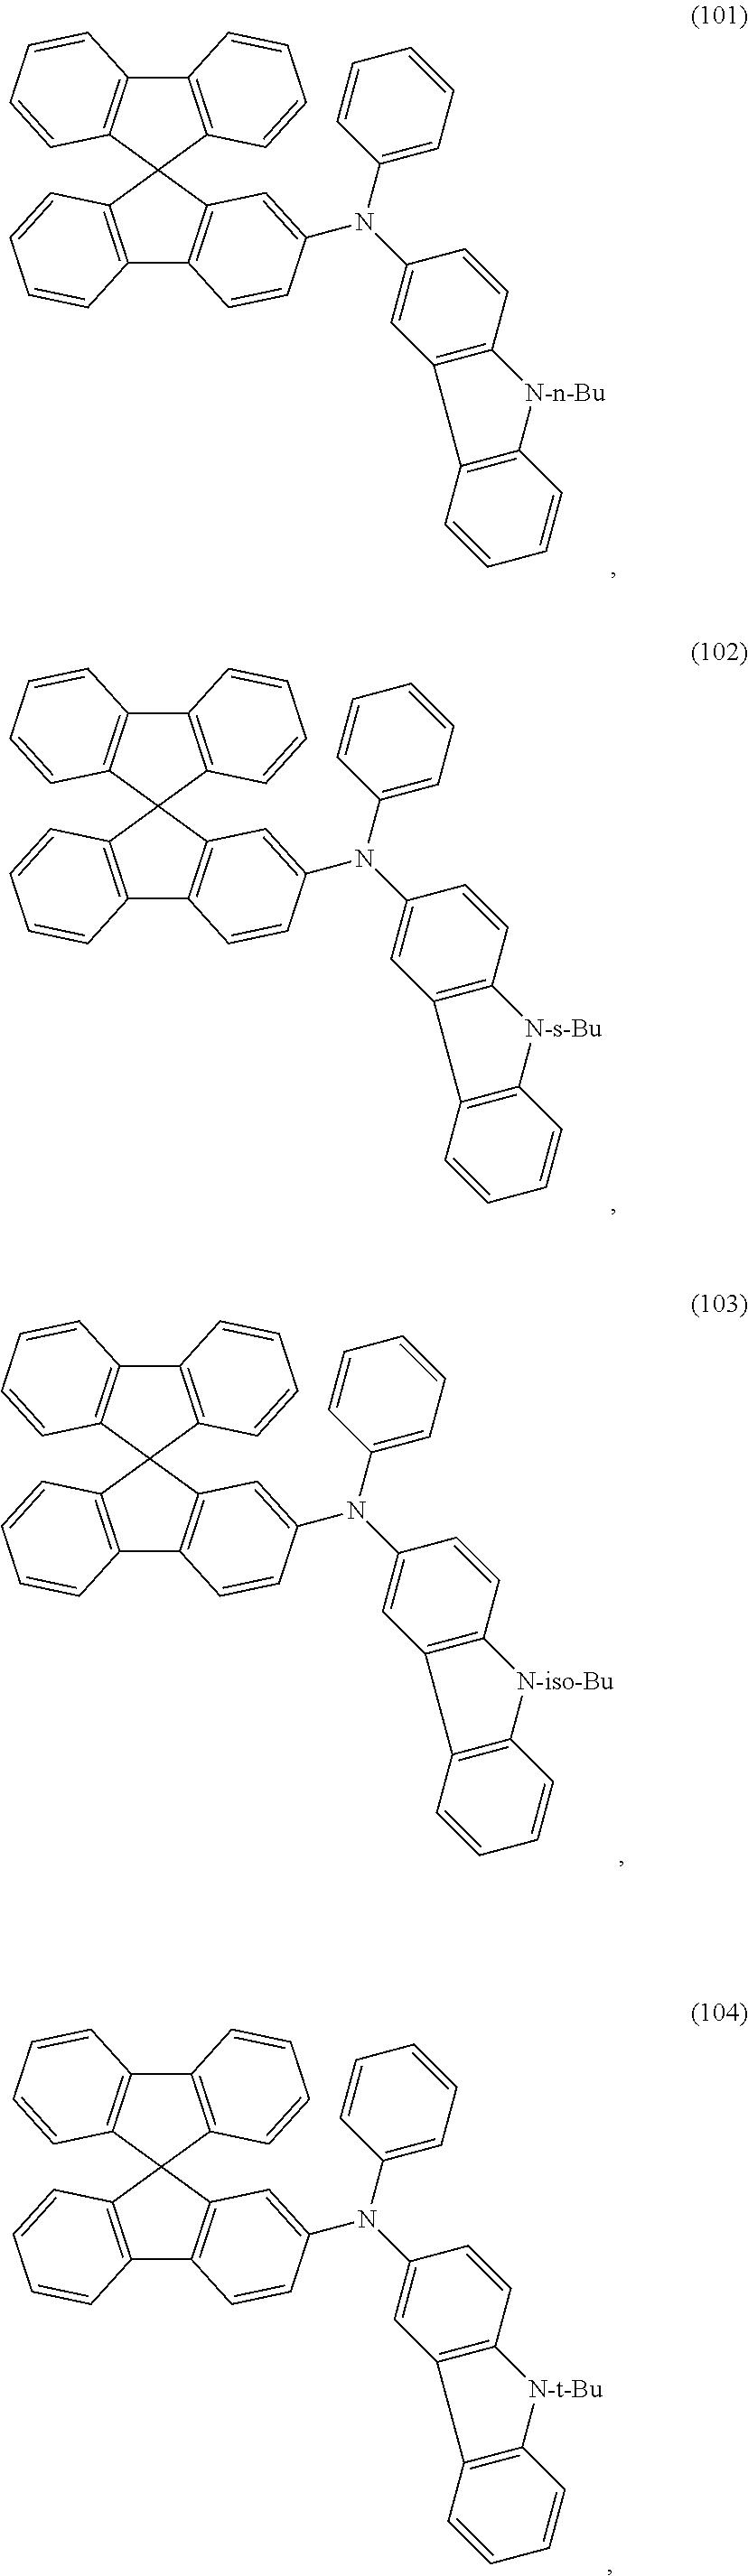 Figure US09548457-20170117-C00072